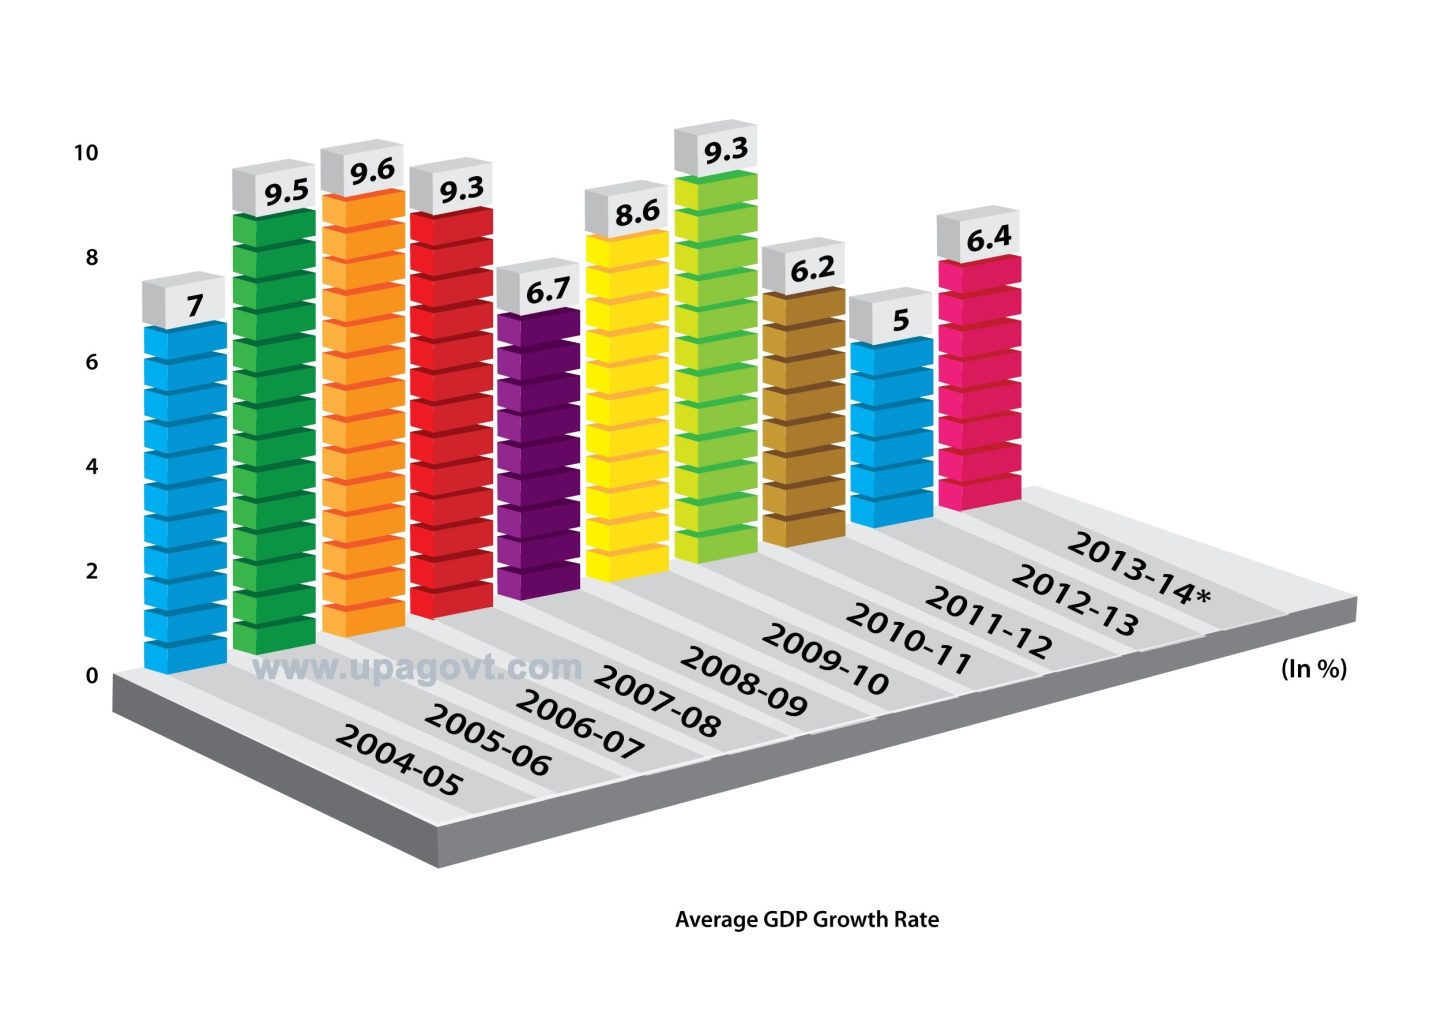 Economy 2012 India 3.2 Percent in 2012.india